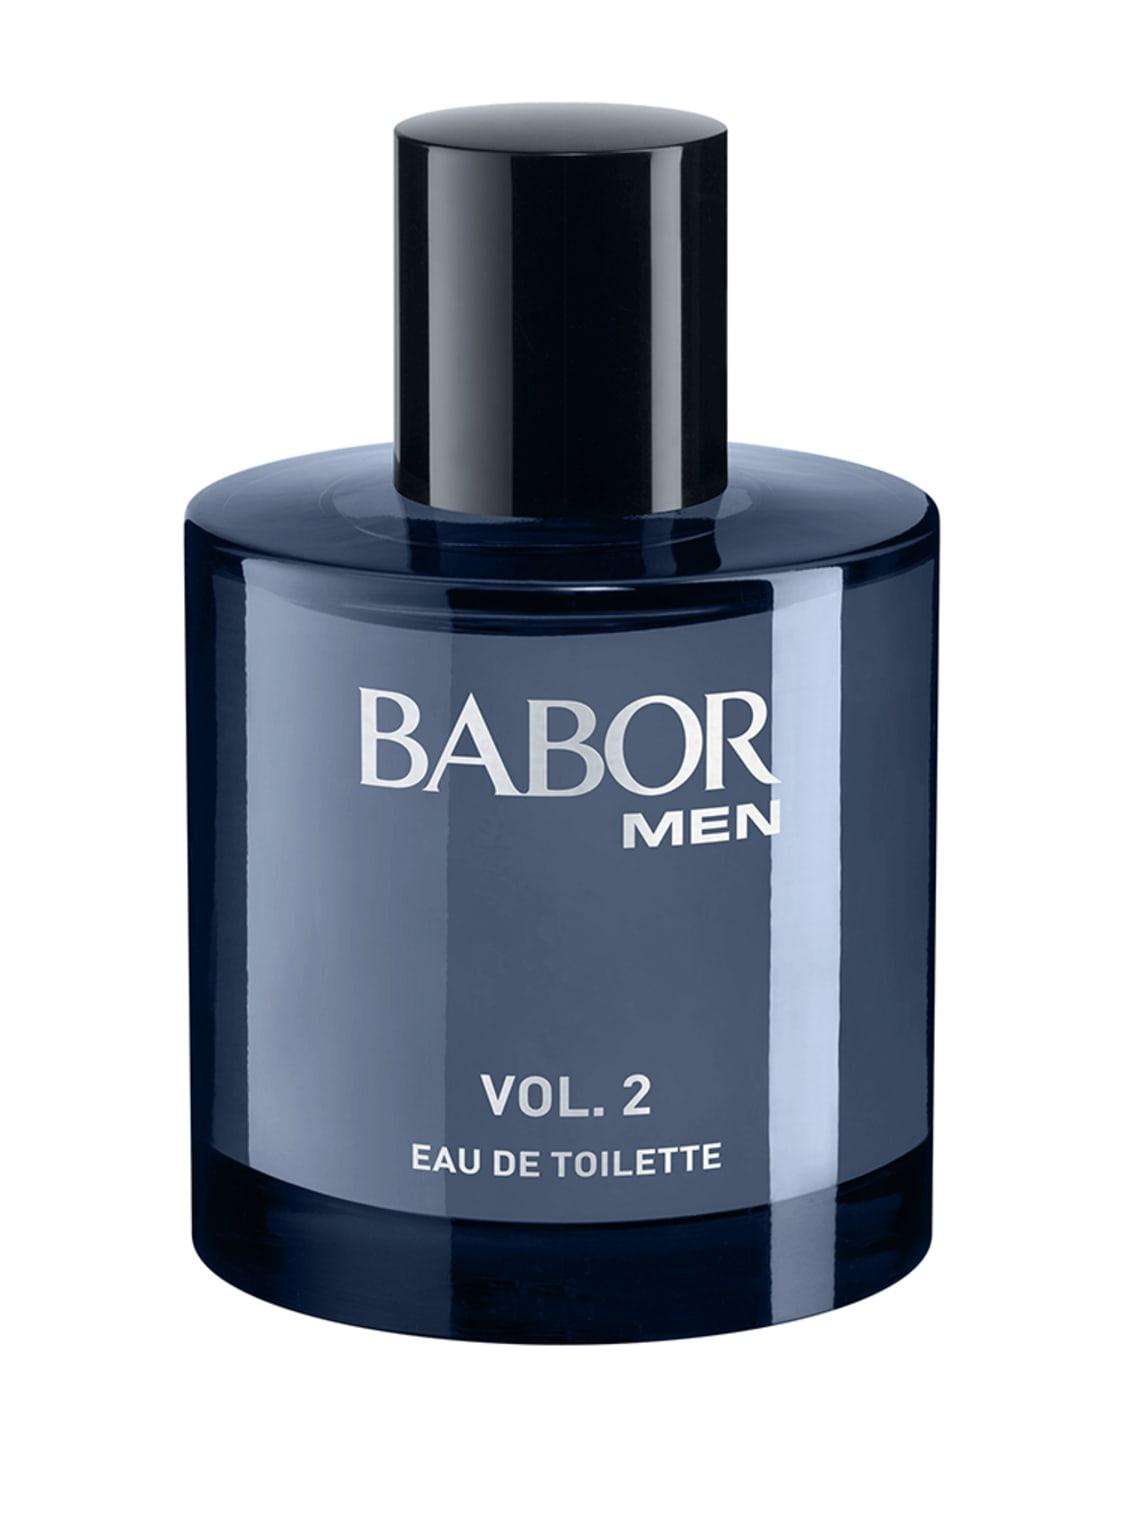 Image of Babor Babor Men Eau de Toilette Vol. 2 100 ml